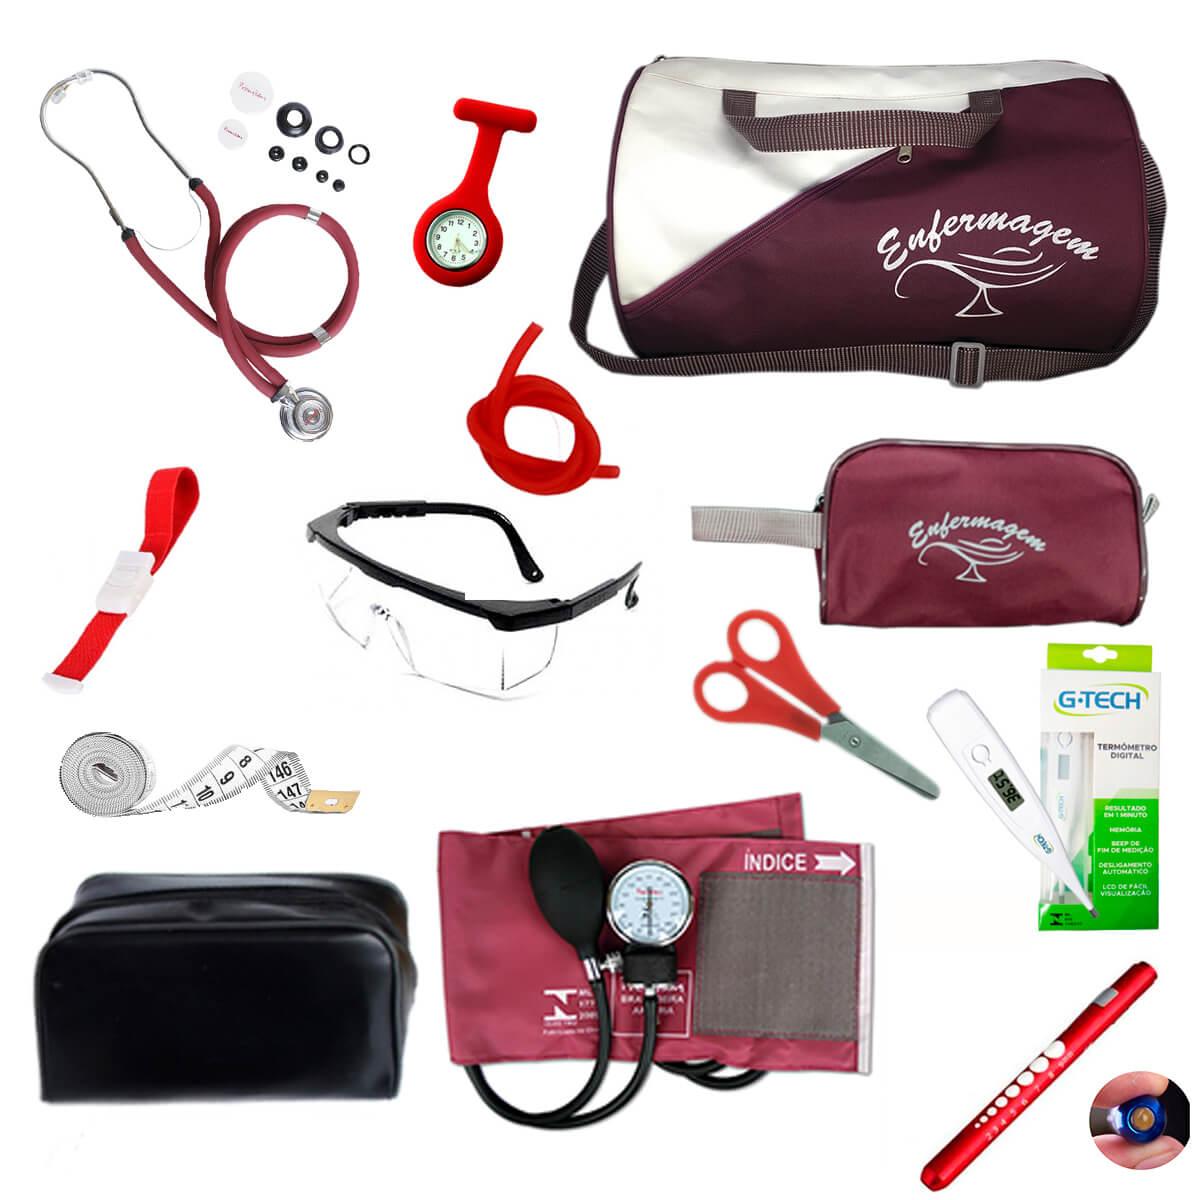 Kit de enfermagem completo com medidor de pressão Premium